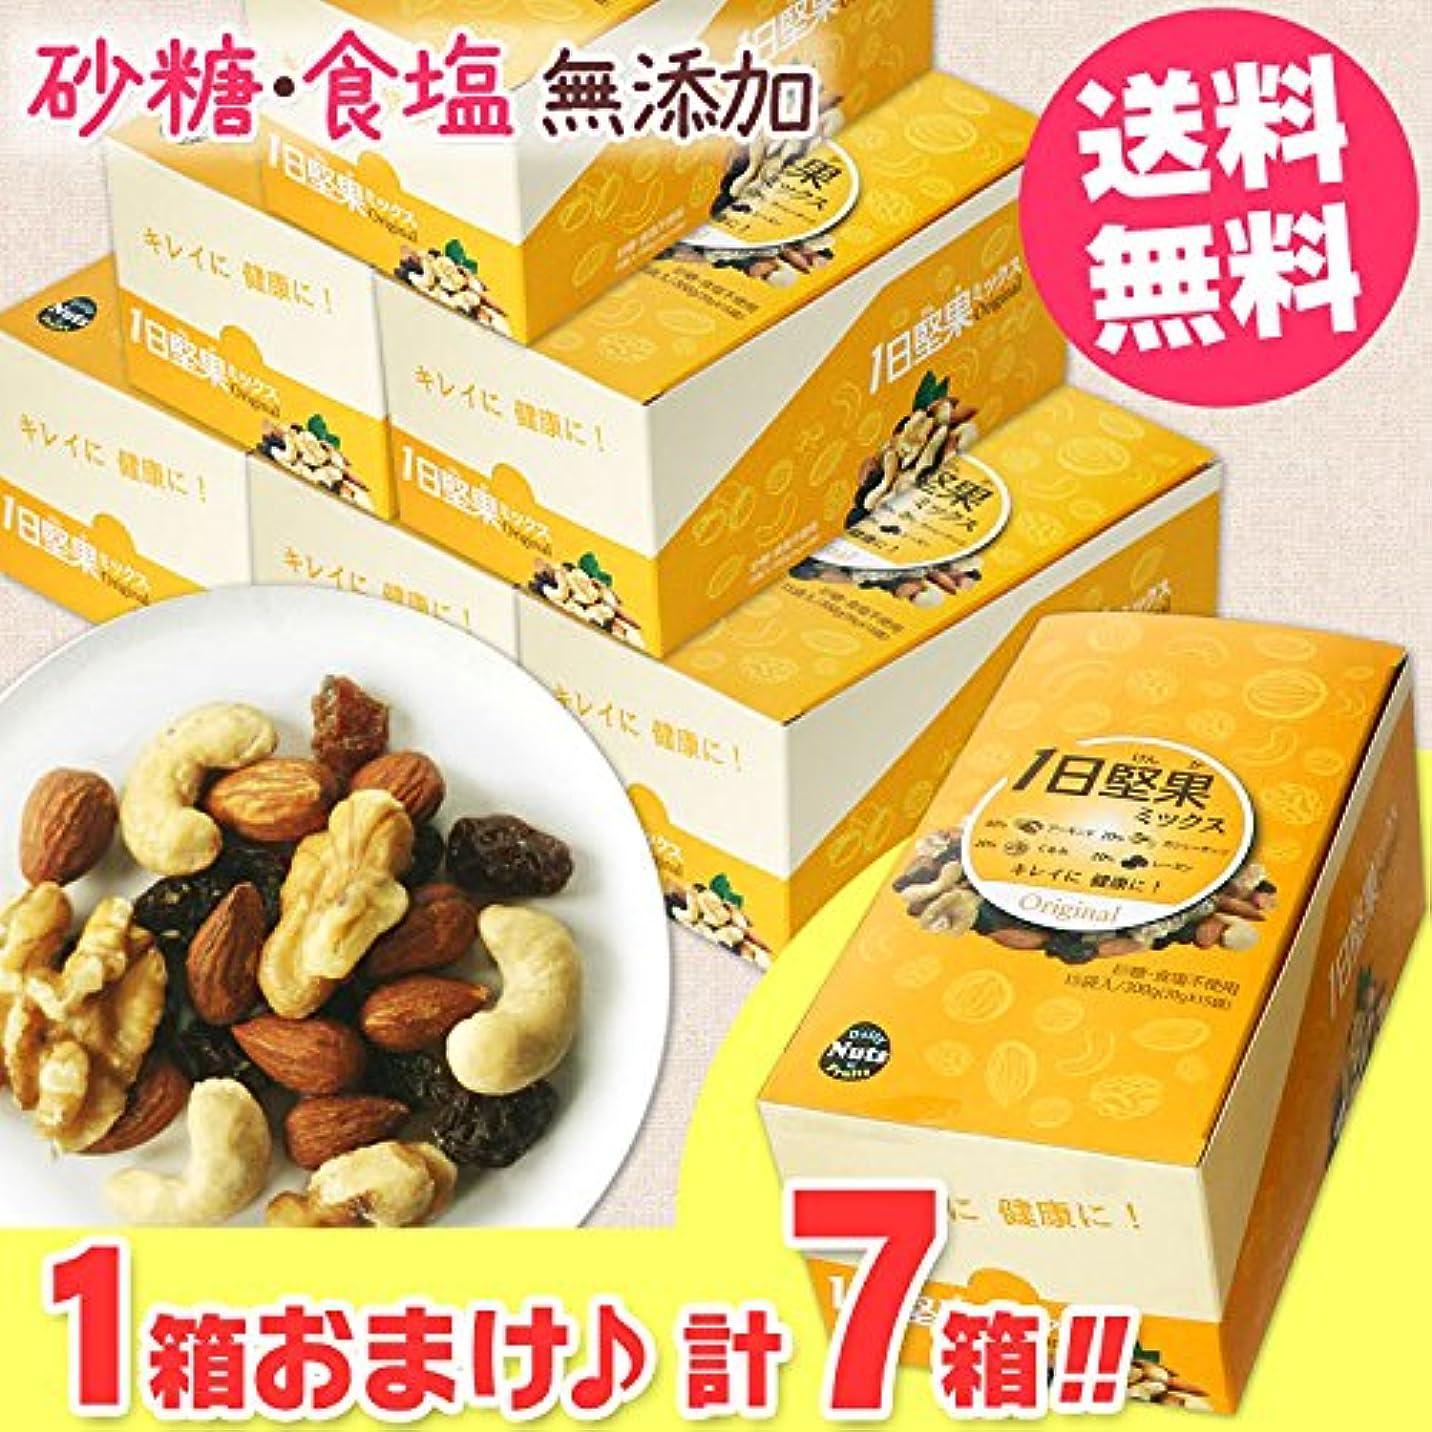 極地バトル砂1日堅果ミックス オリジナル [15袋]◆6箱セット+1箱増量?